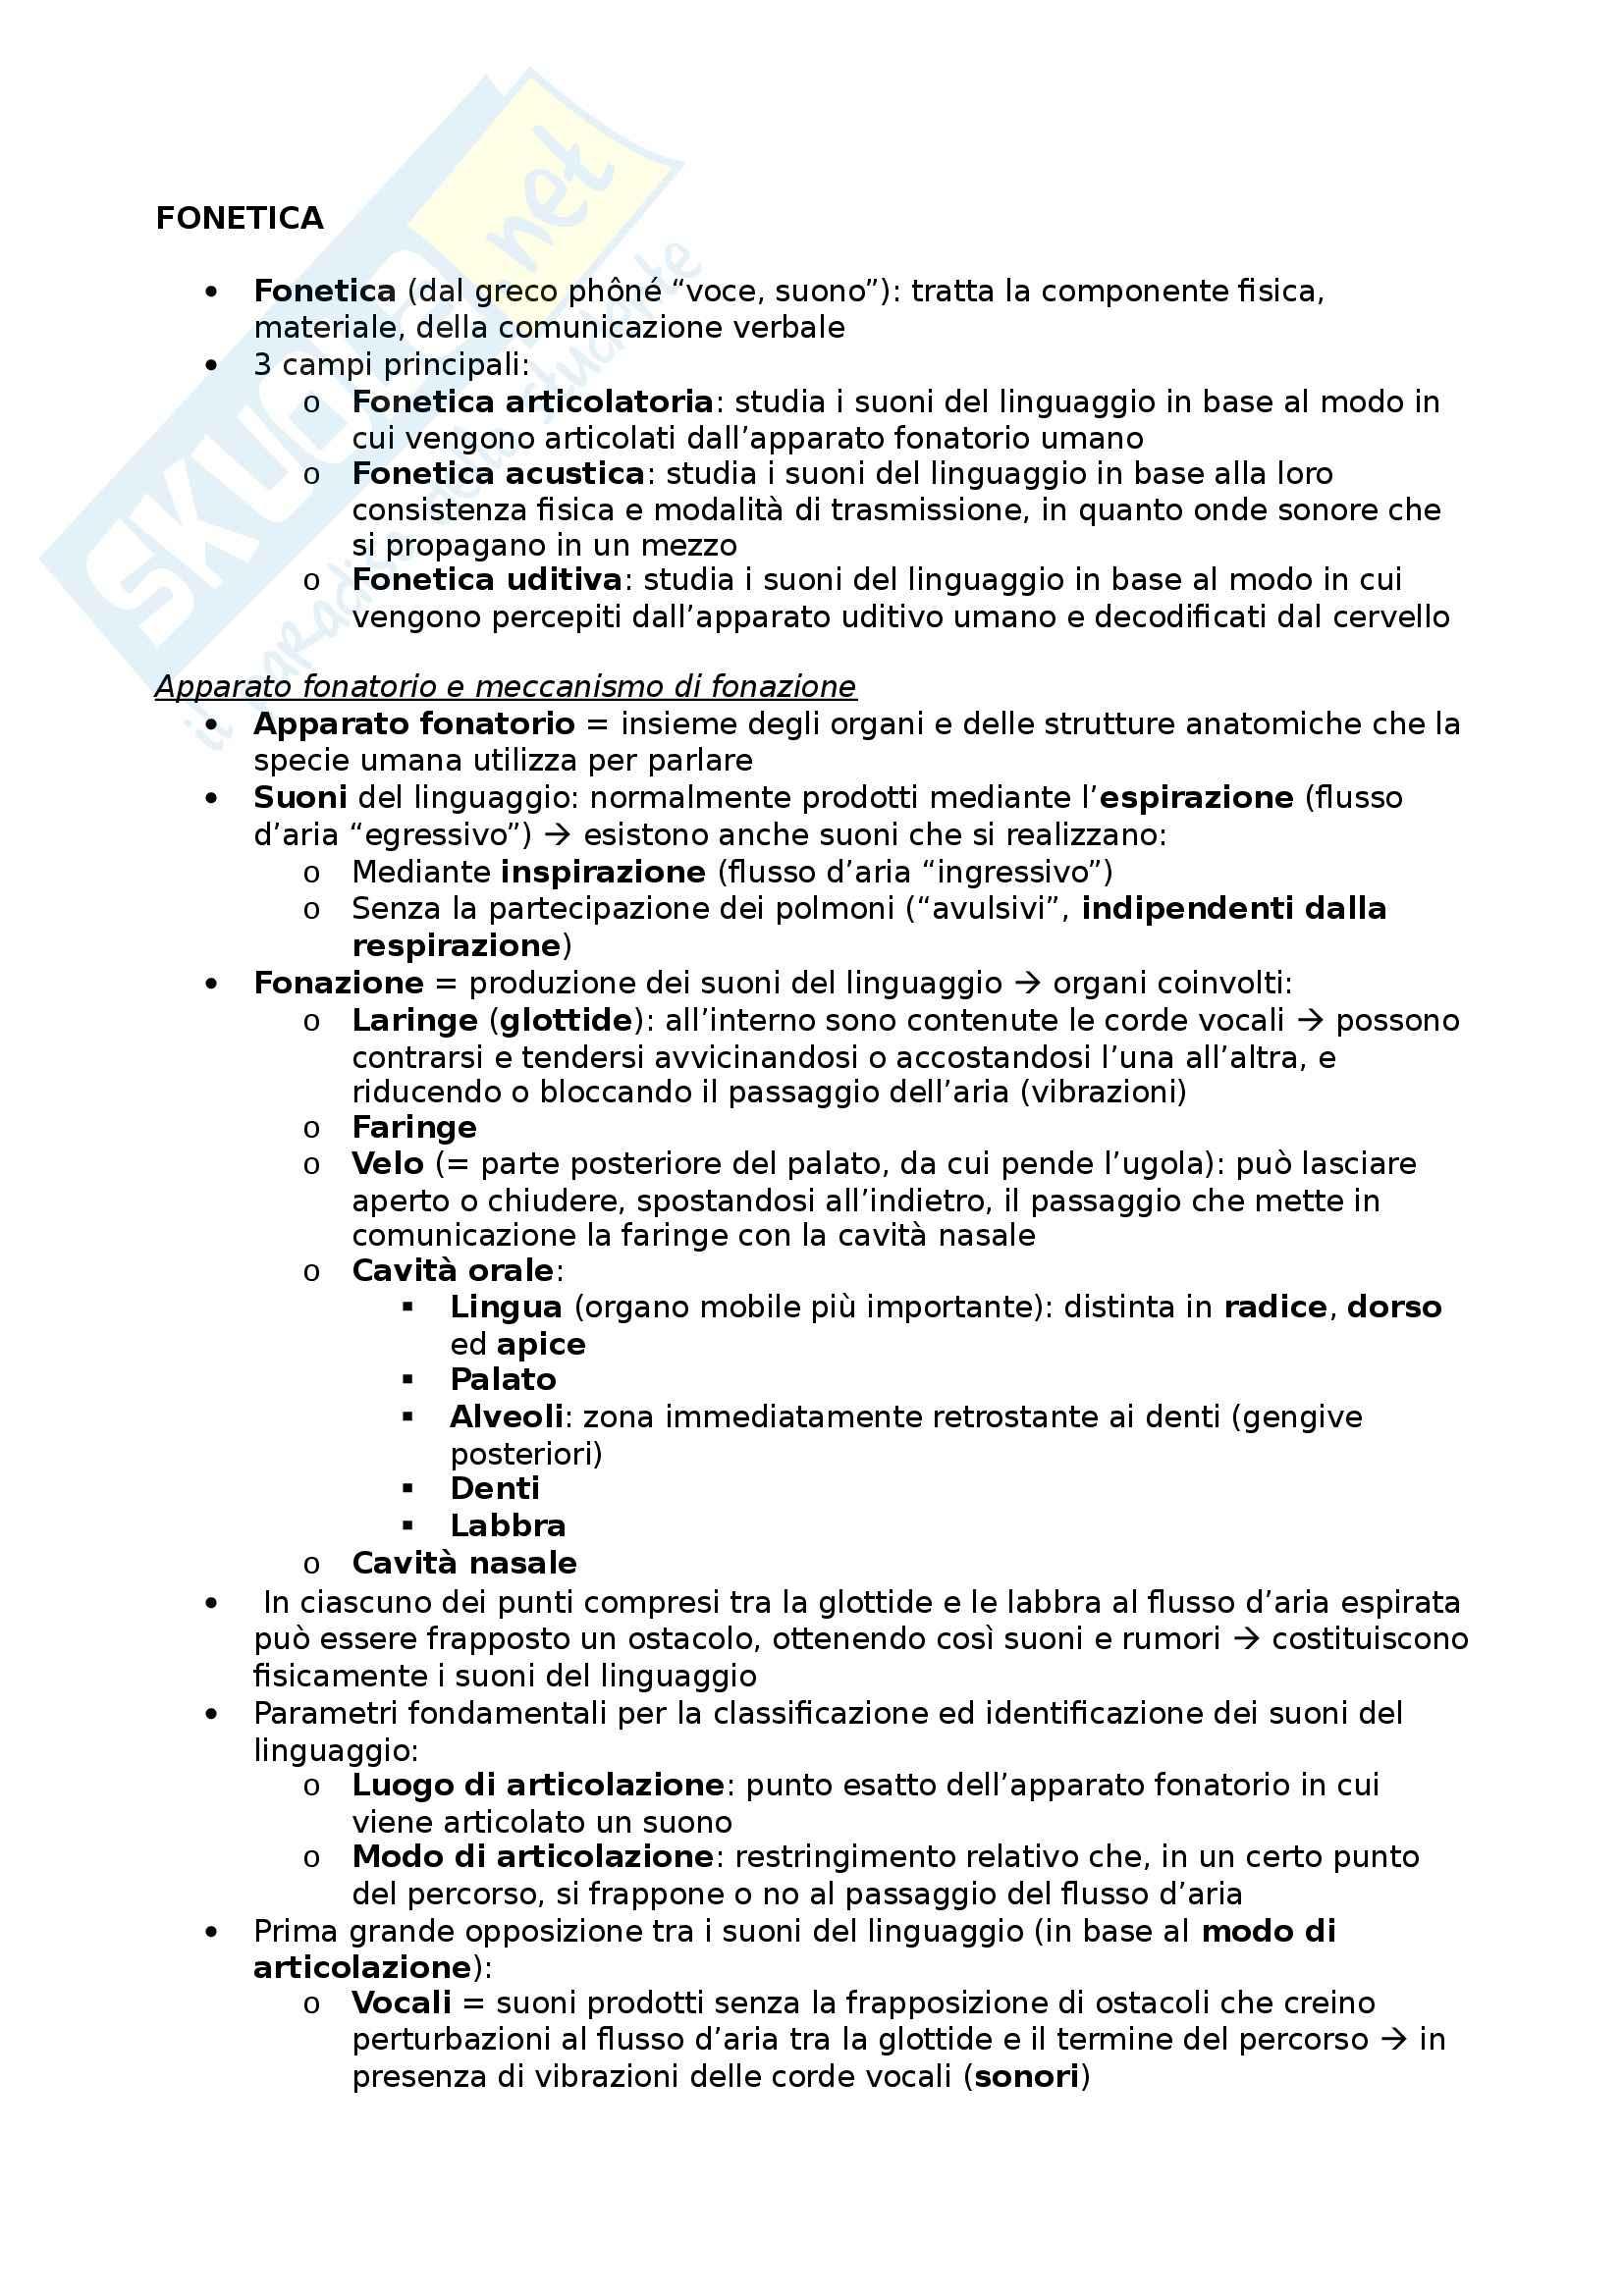 Riassunto esame Glottologia, prof. Bonfadini, libro consigliato La Linguistica: Un Corso Introduttivo, Berruto, Cerruti - cap. 2